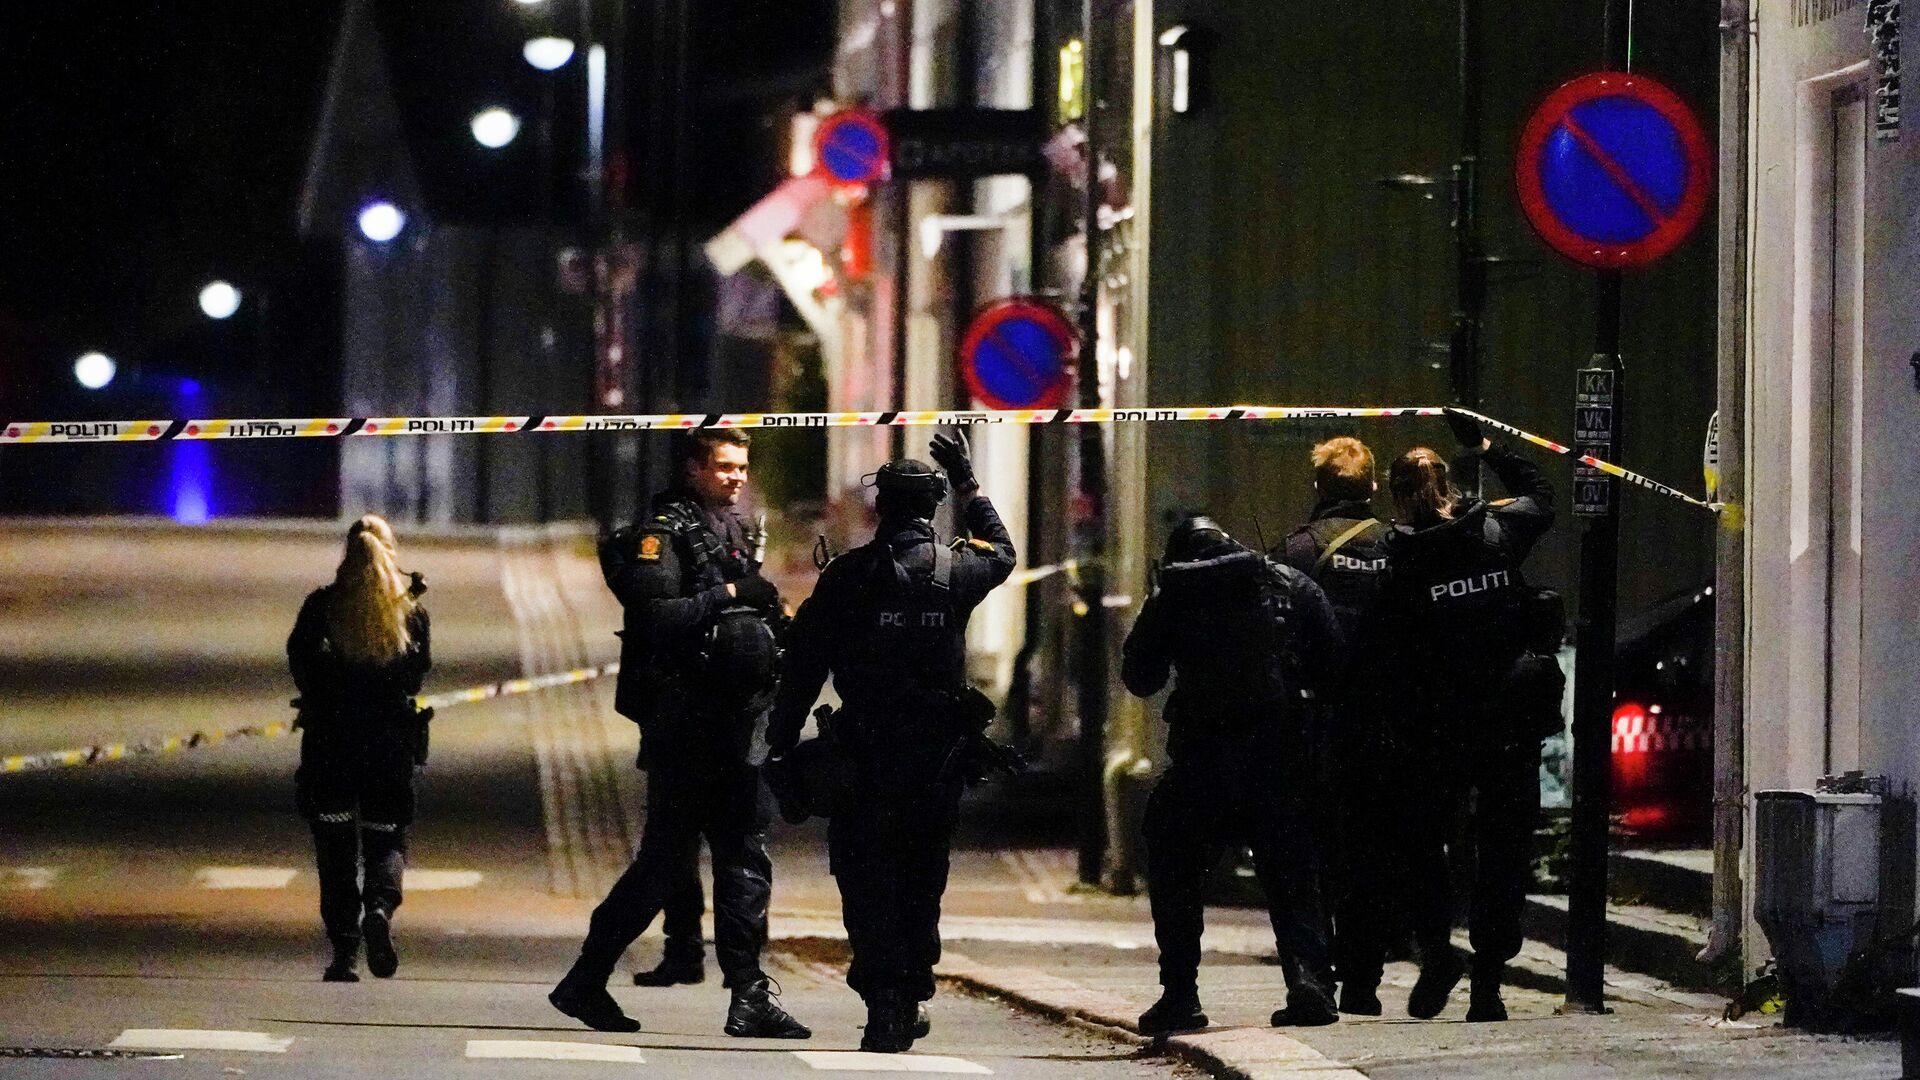 Напад стрелом у норвешком граду Конгсбургу, полиција на увиђају - Sputnik Србија, 1920, 13.10.2021